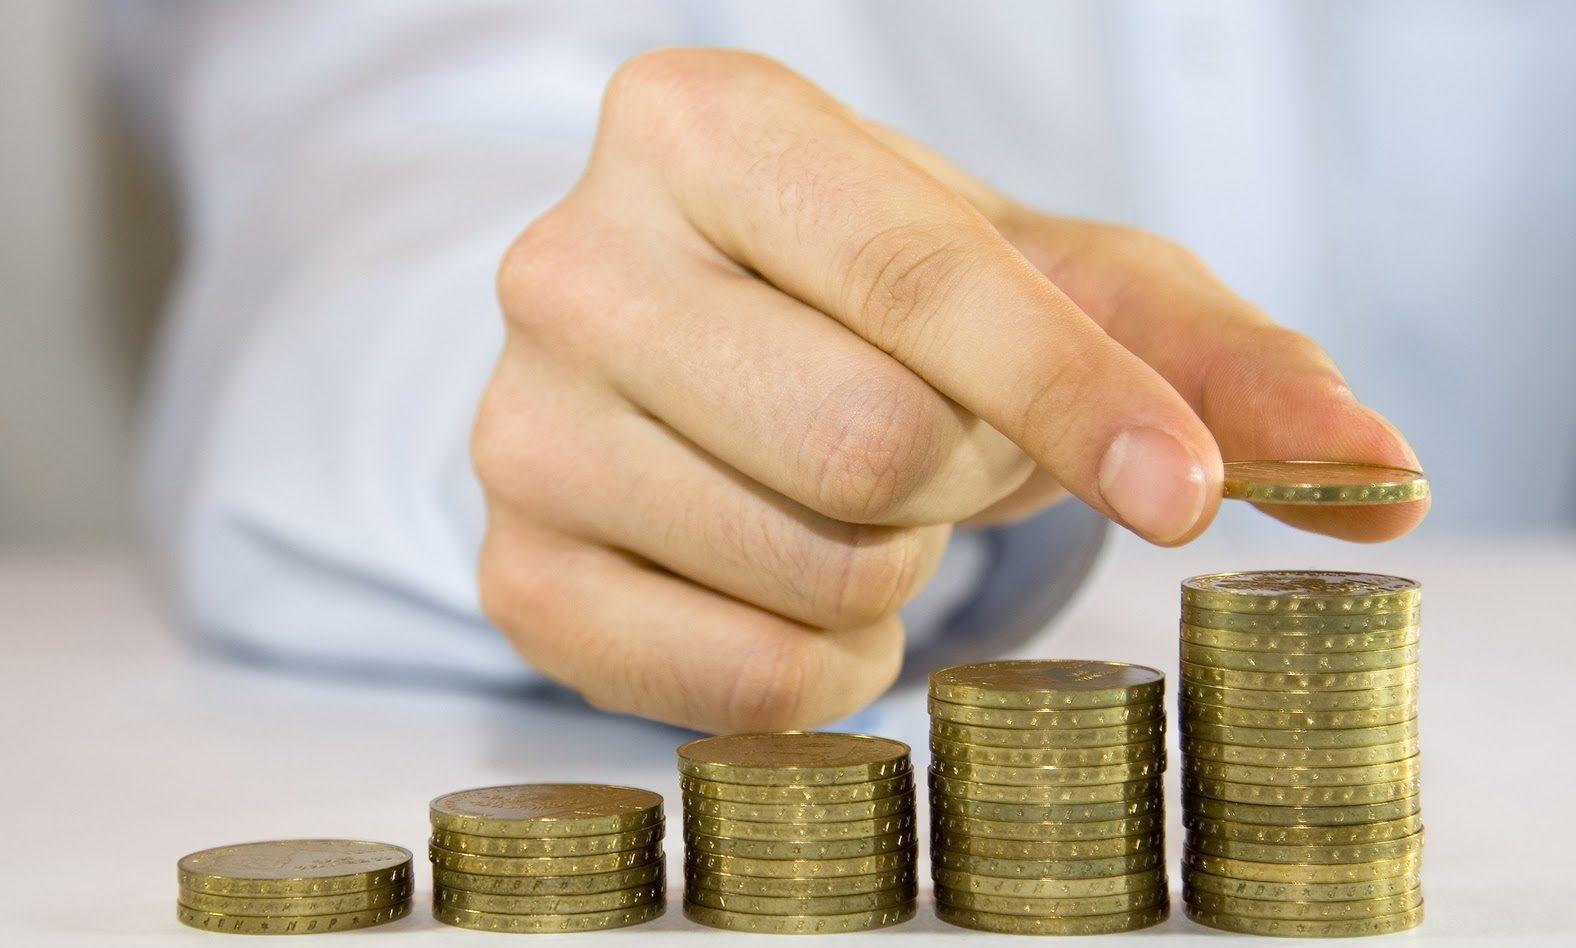 üzleti bevételek az interneten